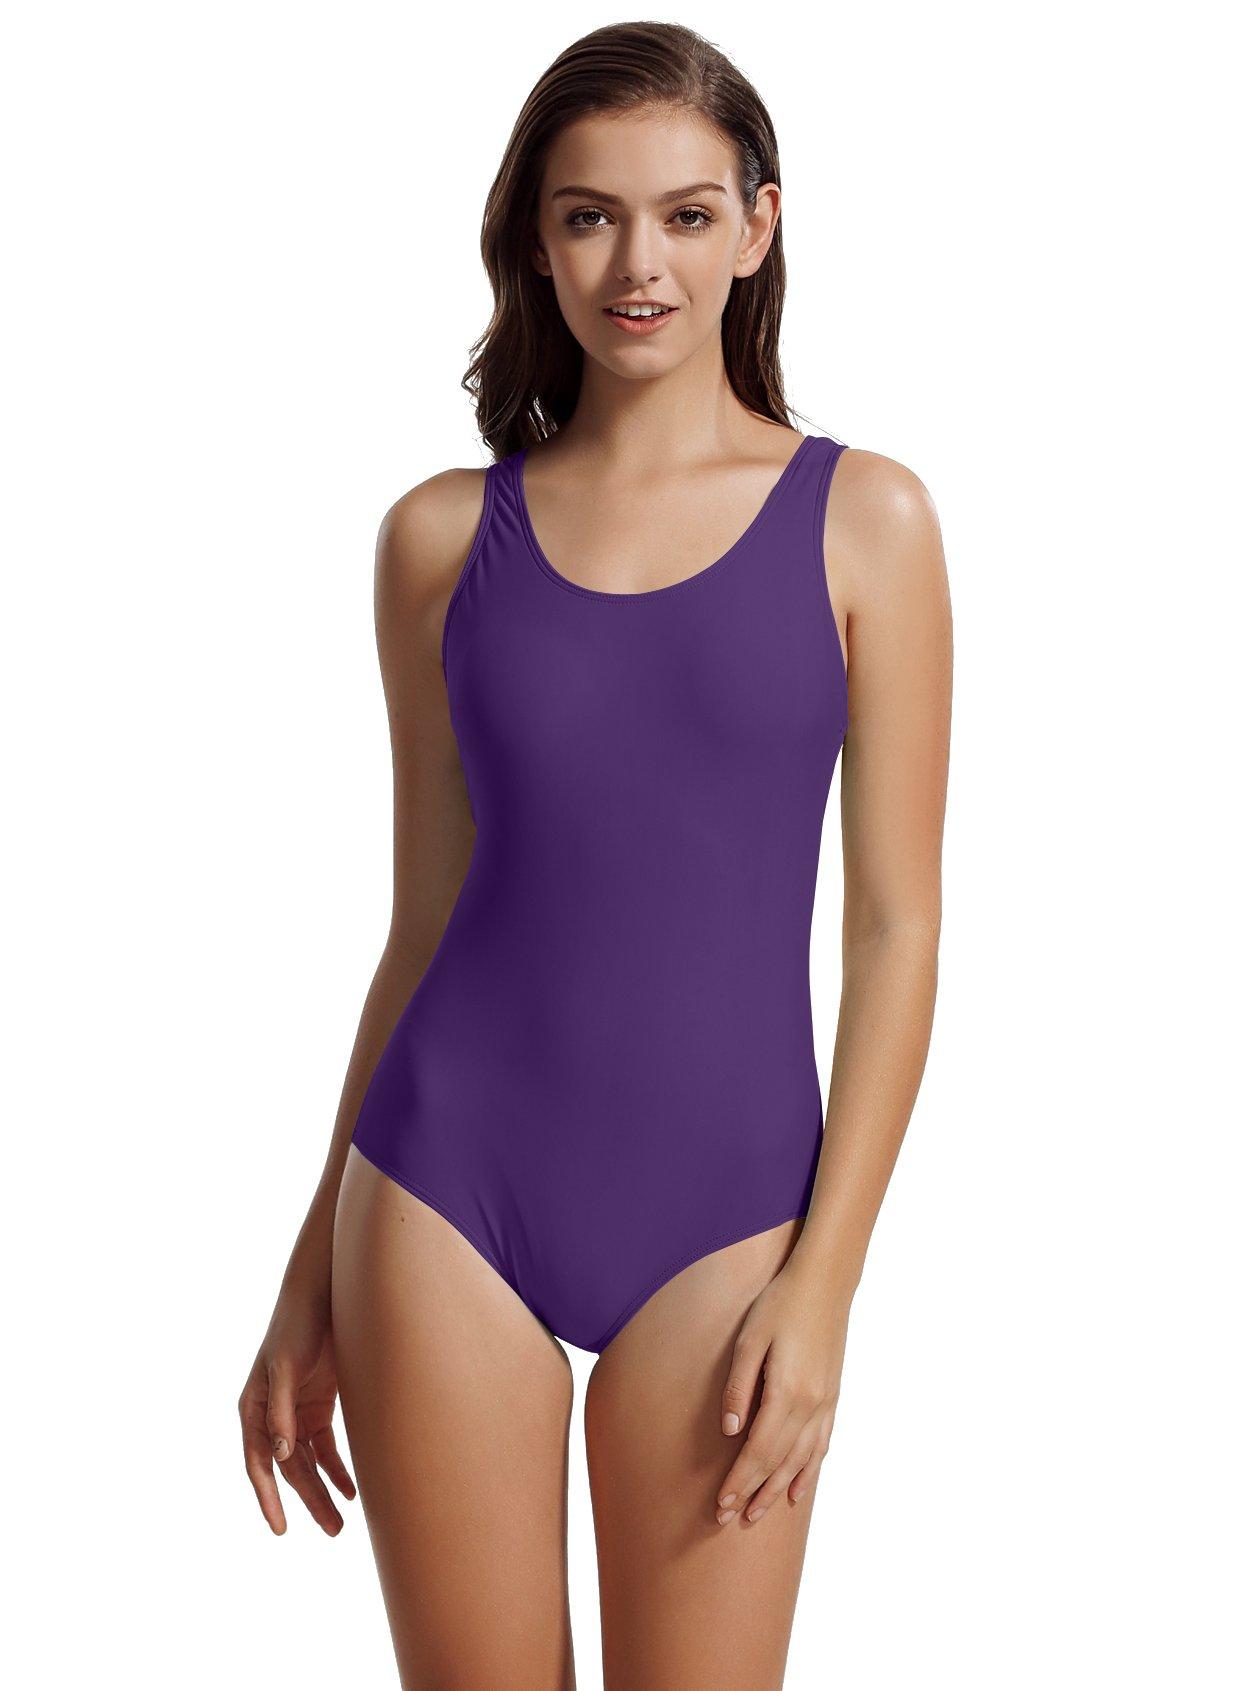 0bad9d3978339 zeraca Women's Sport Racerback One Piece Swimsuit Swimwear product image